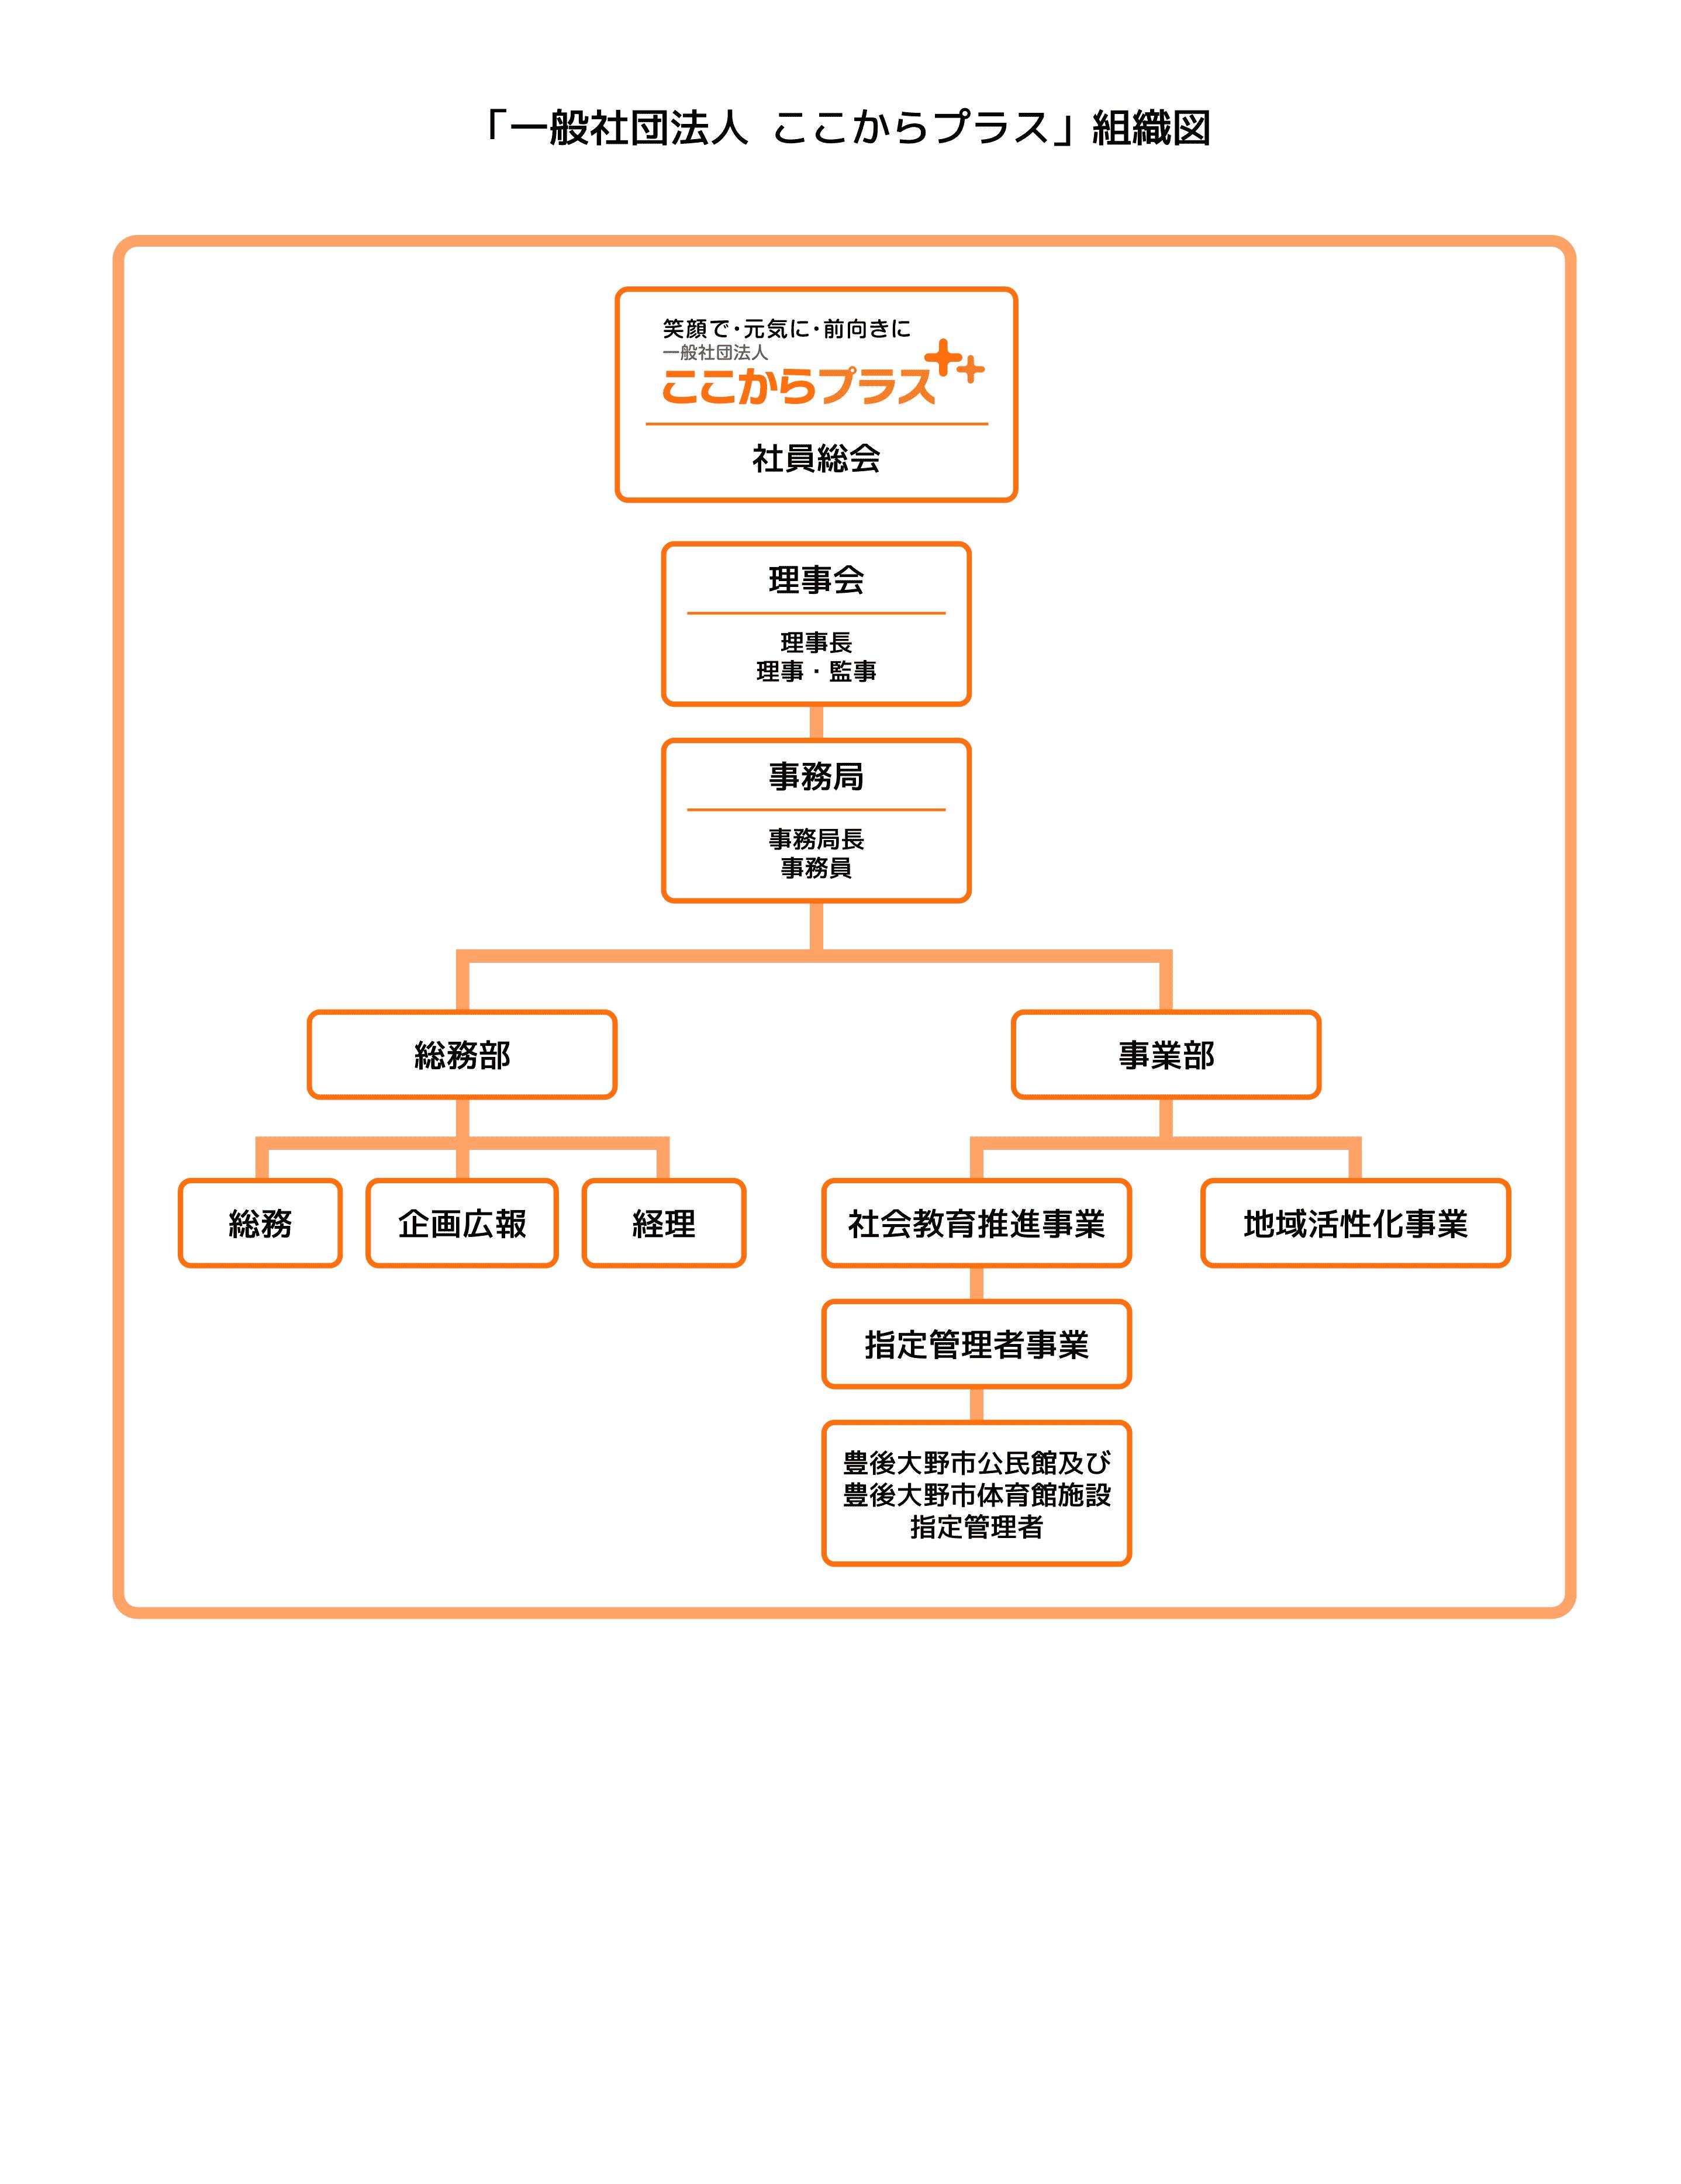 「一般社団法人ここからプラス」組織図